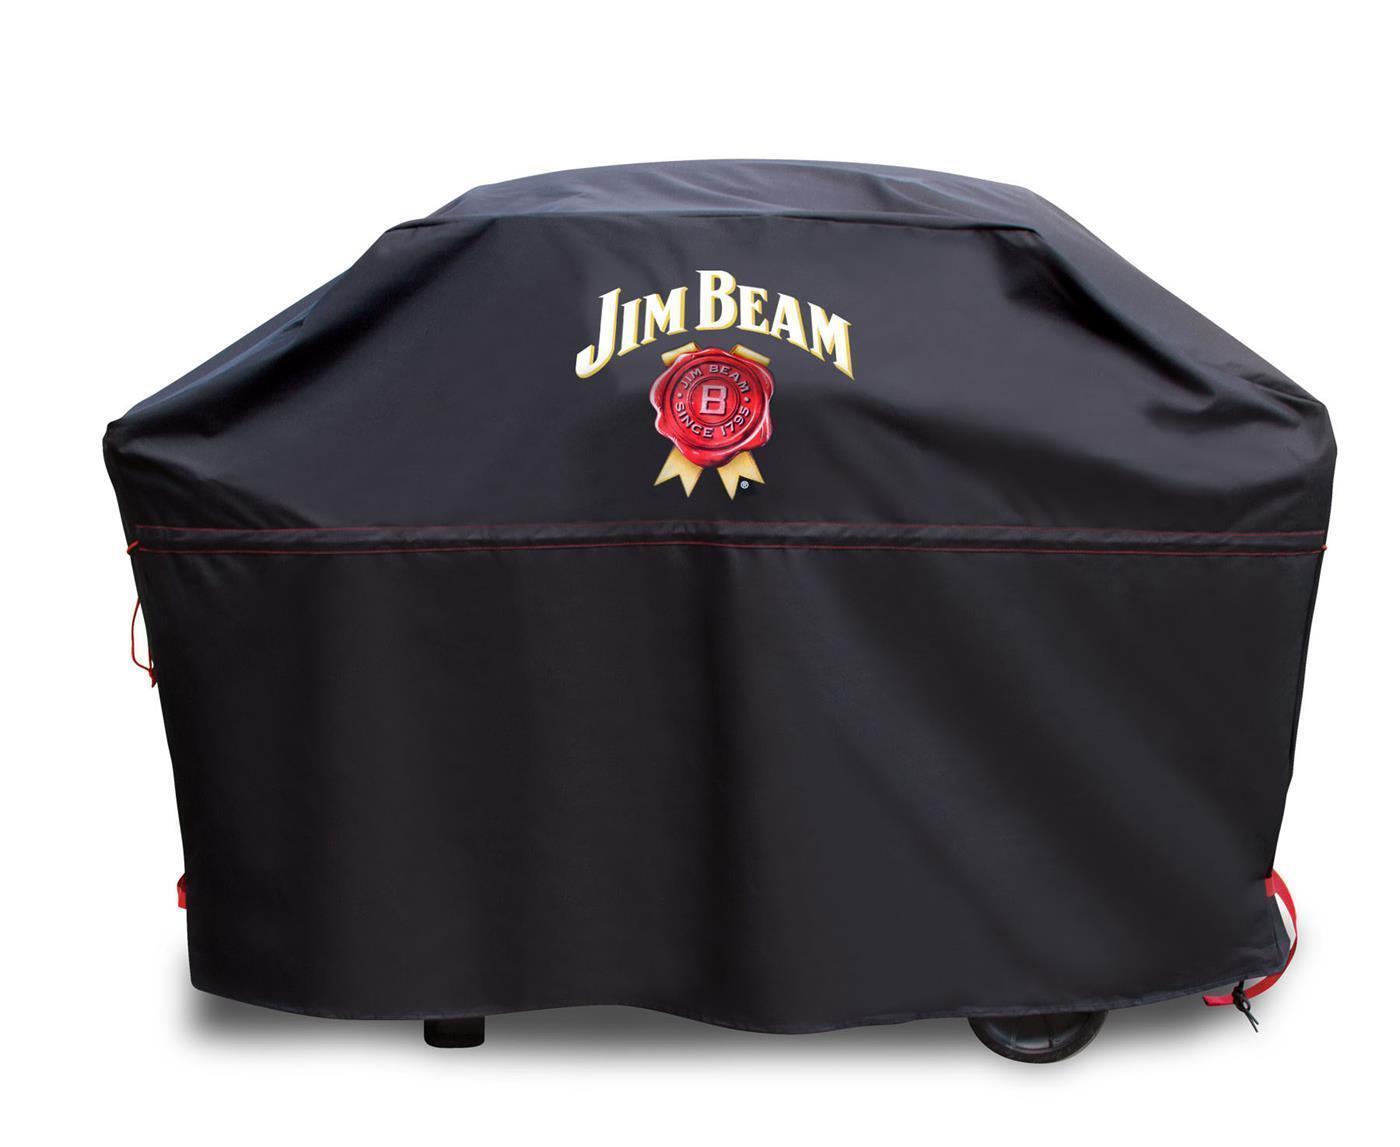 Jim Beam® BBQ Grillabdeckung Premium für mittlere bis große Grills Abdeckung M/L